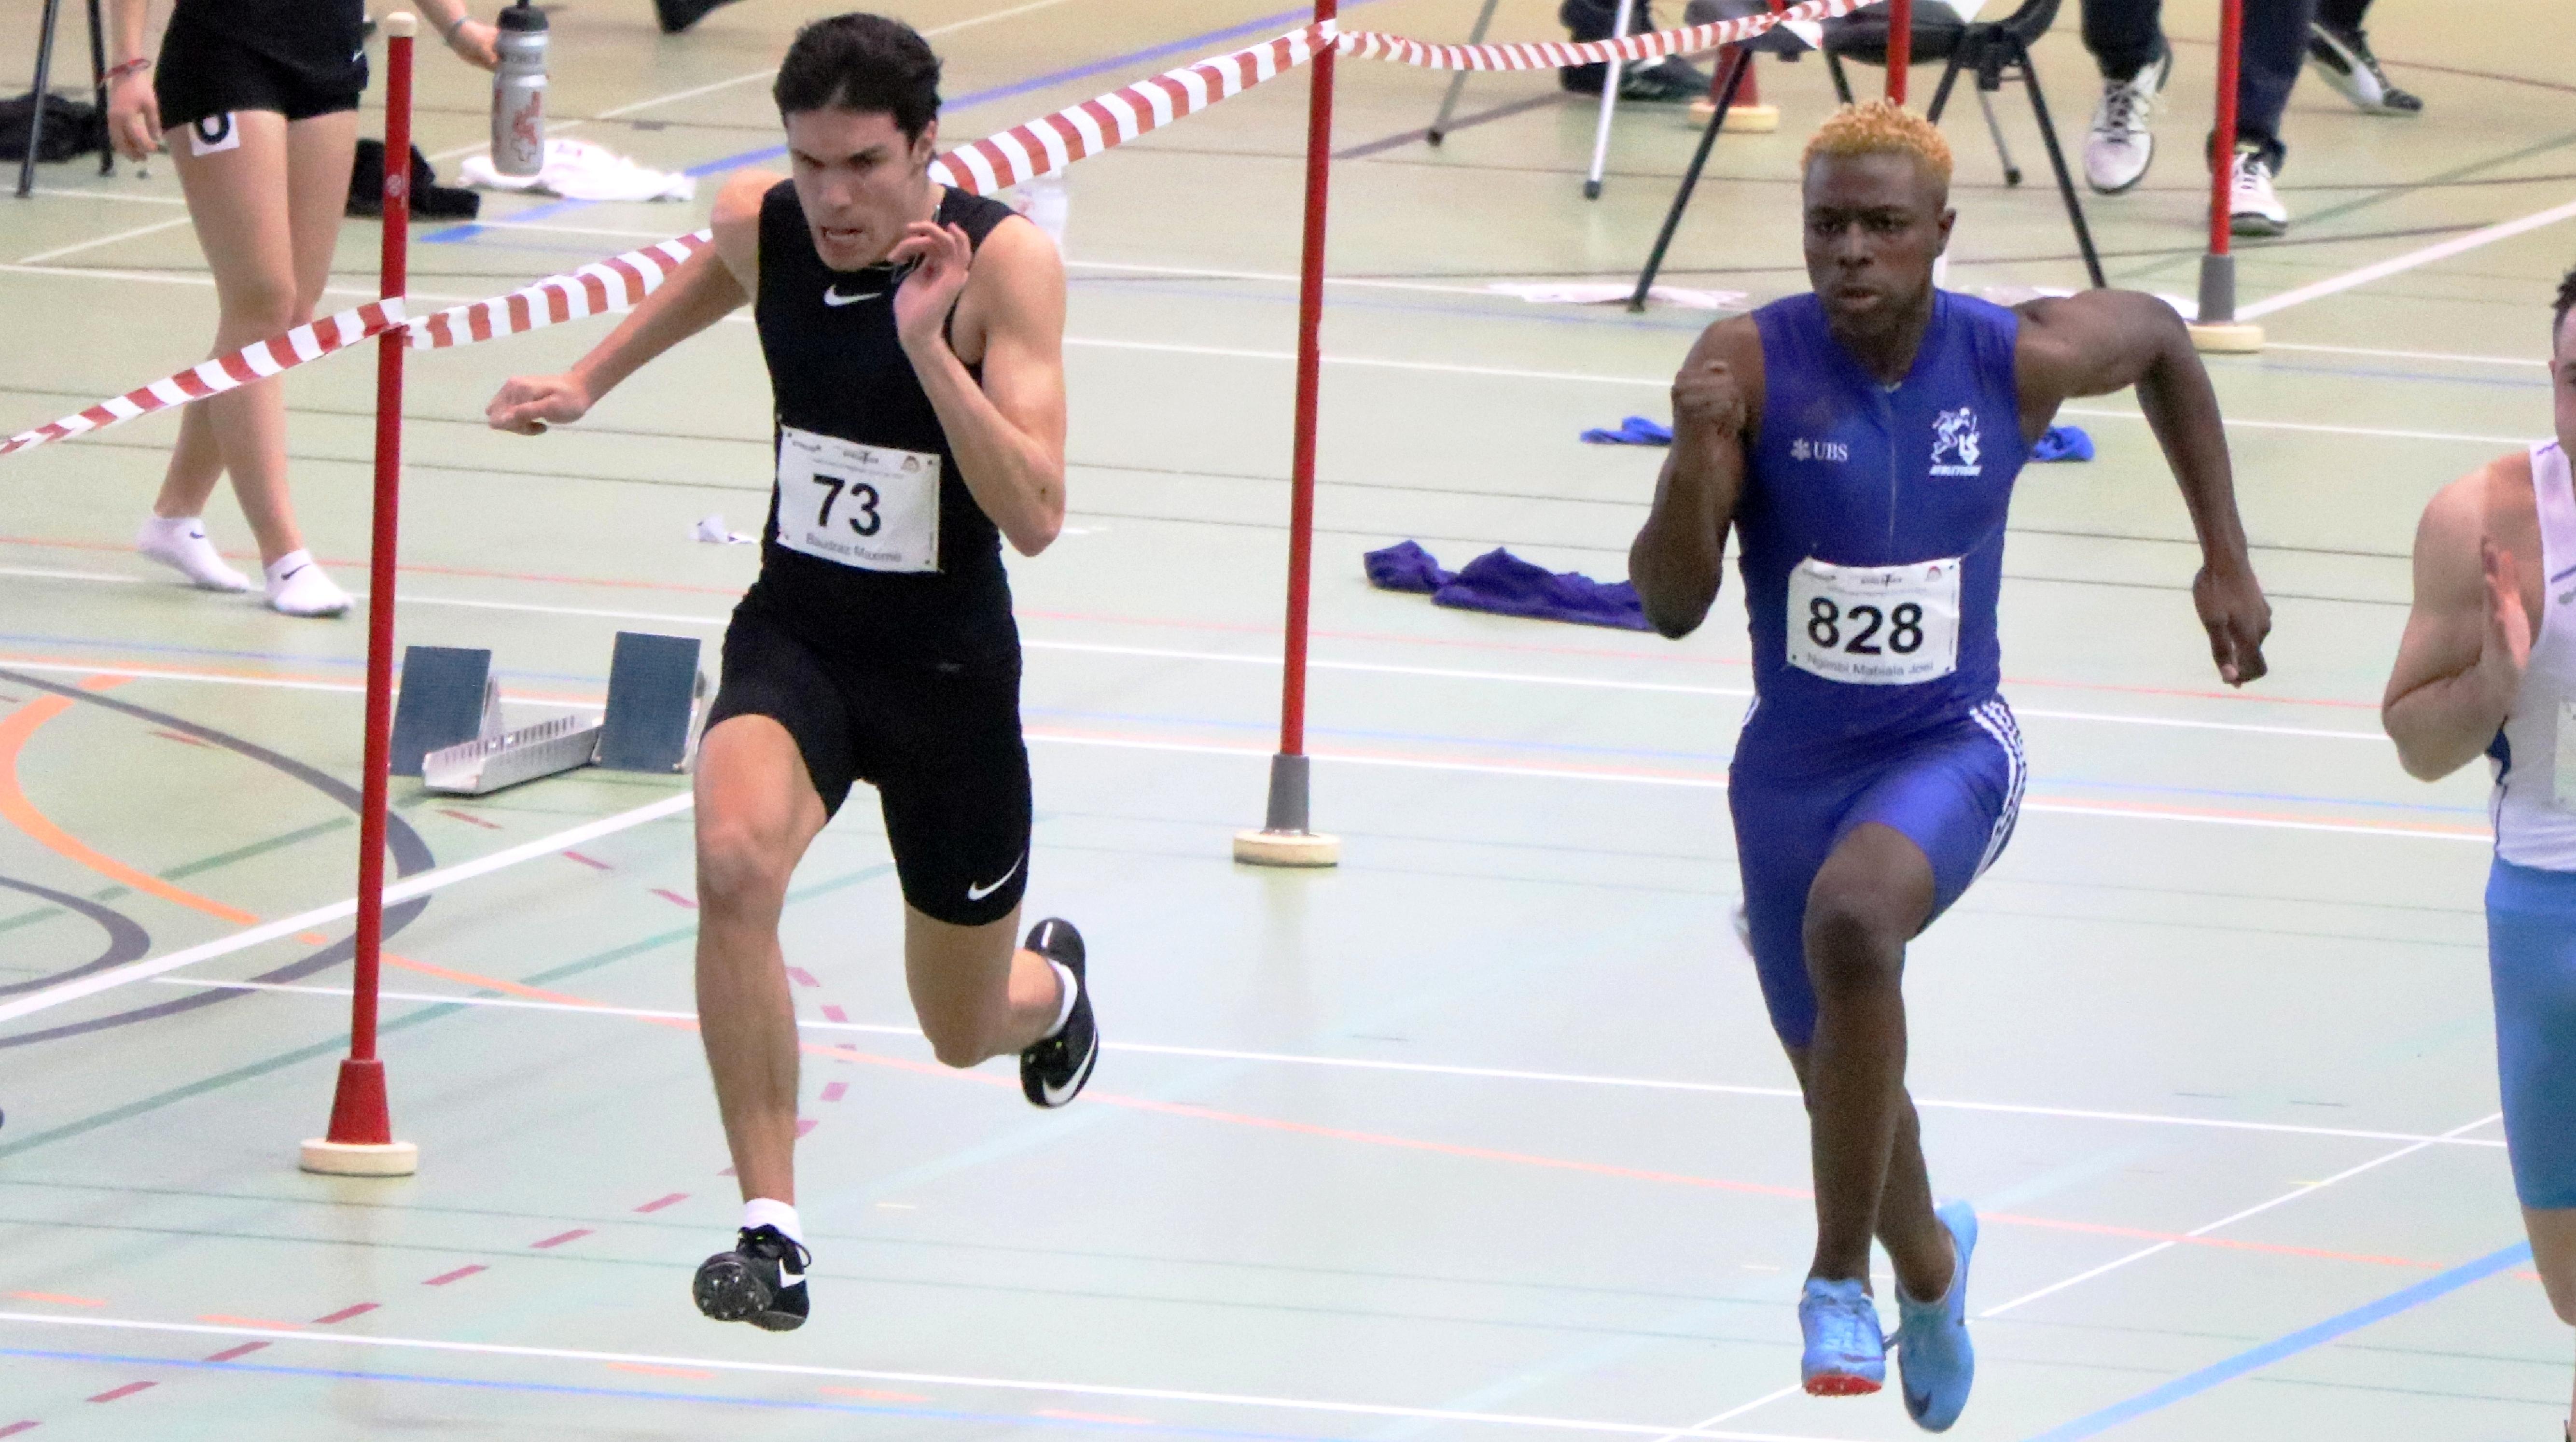 Meeting de Bienne Athletics à Macolin